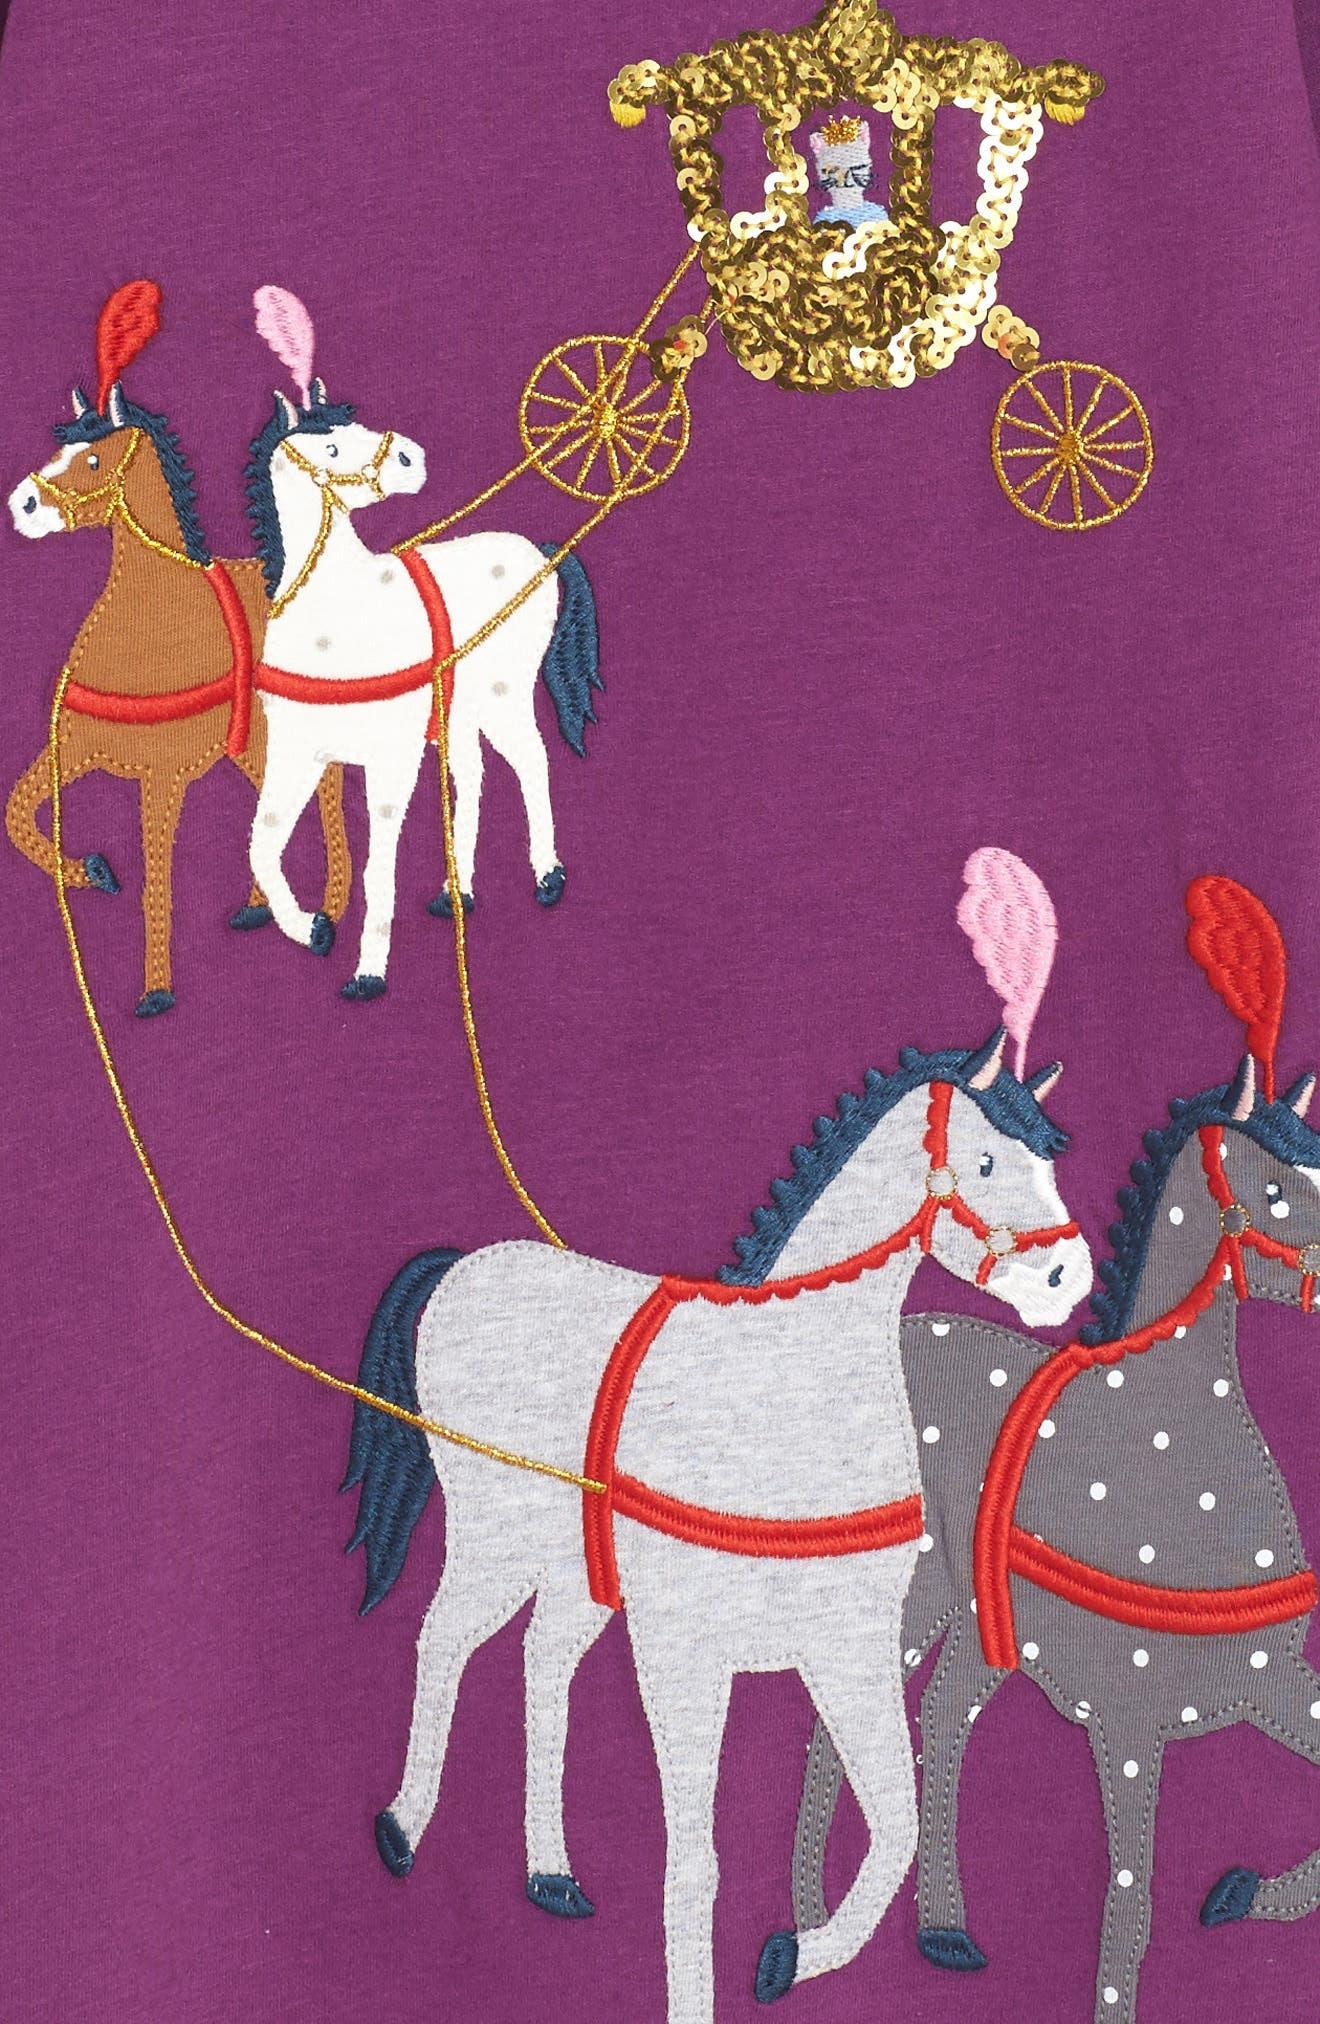 Fairytale Appliqué Dress,                             Alternate thumbnail 3, color,                             Blackcurrant Purple Horses Prp